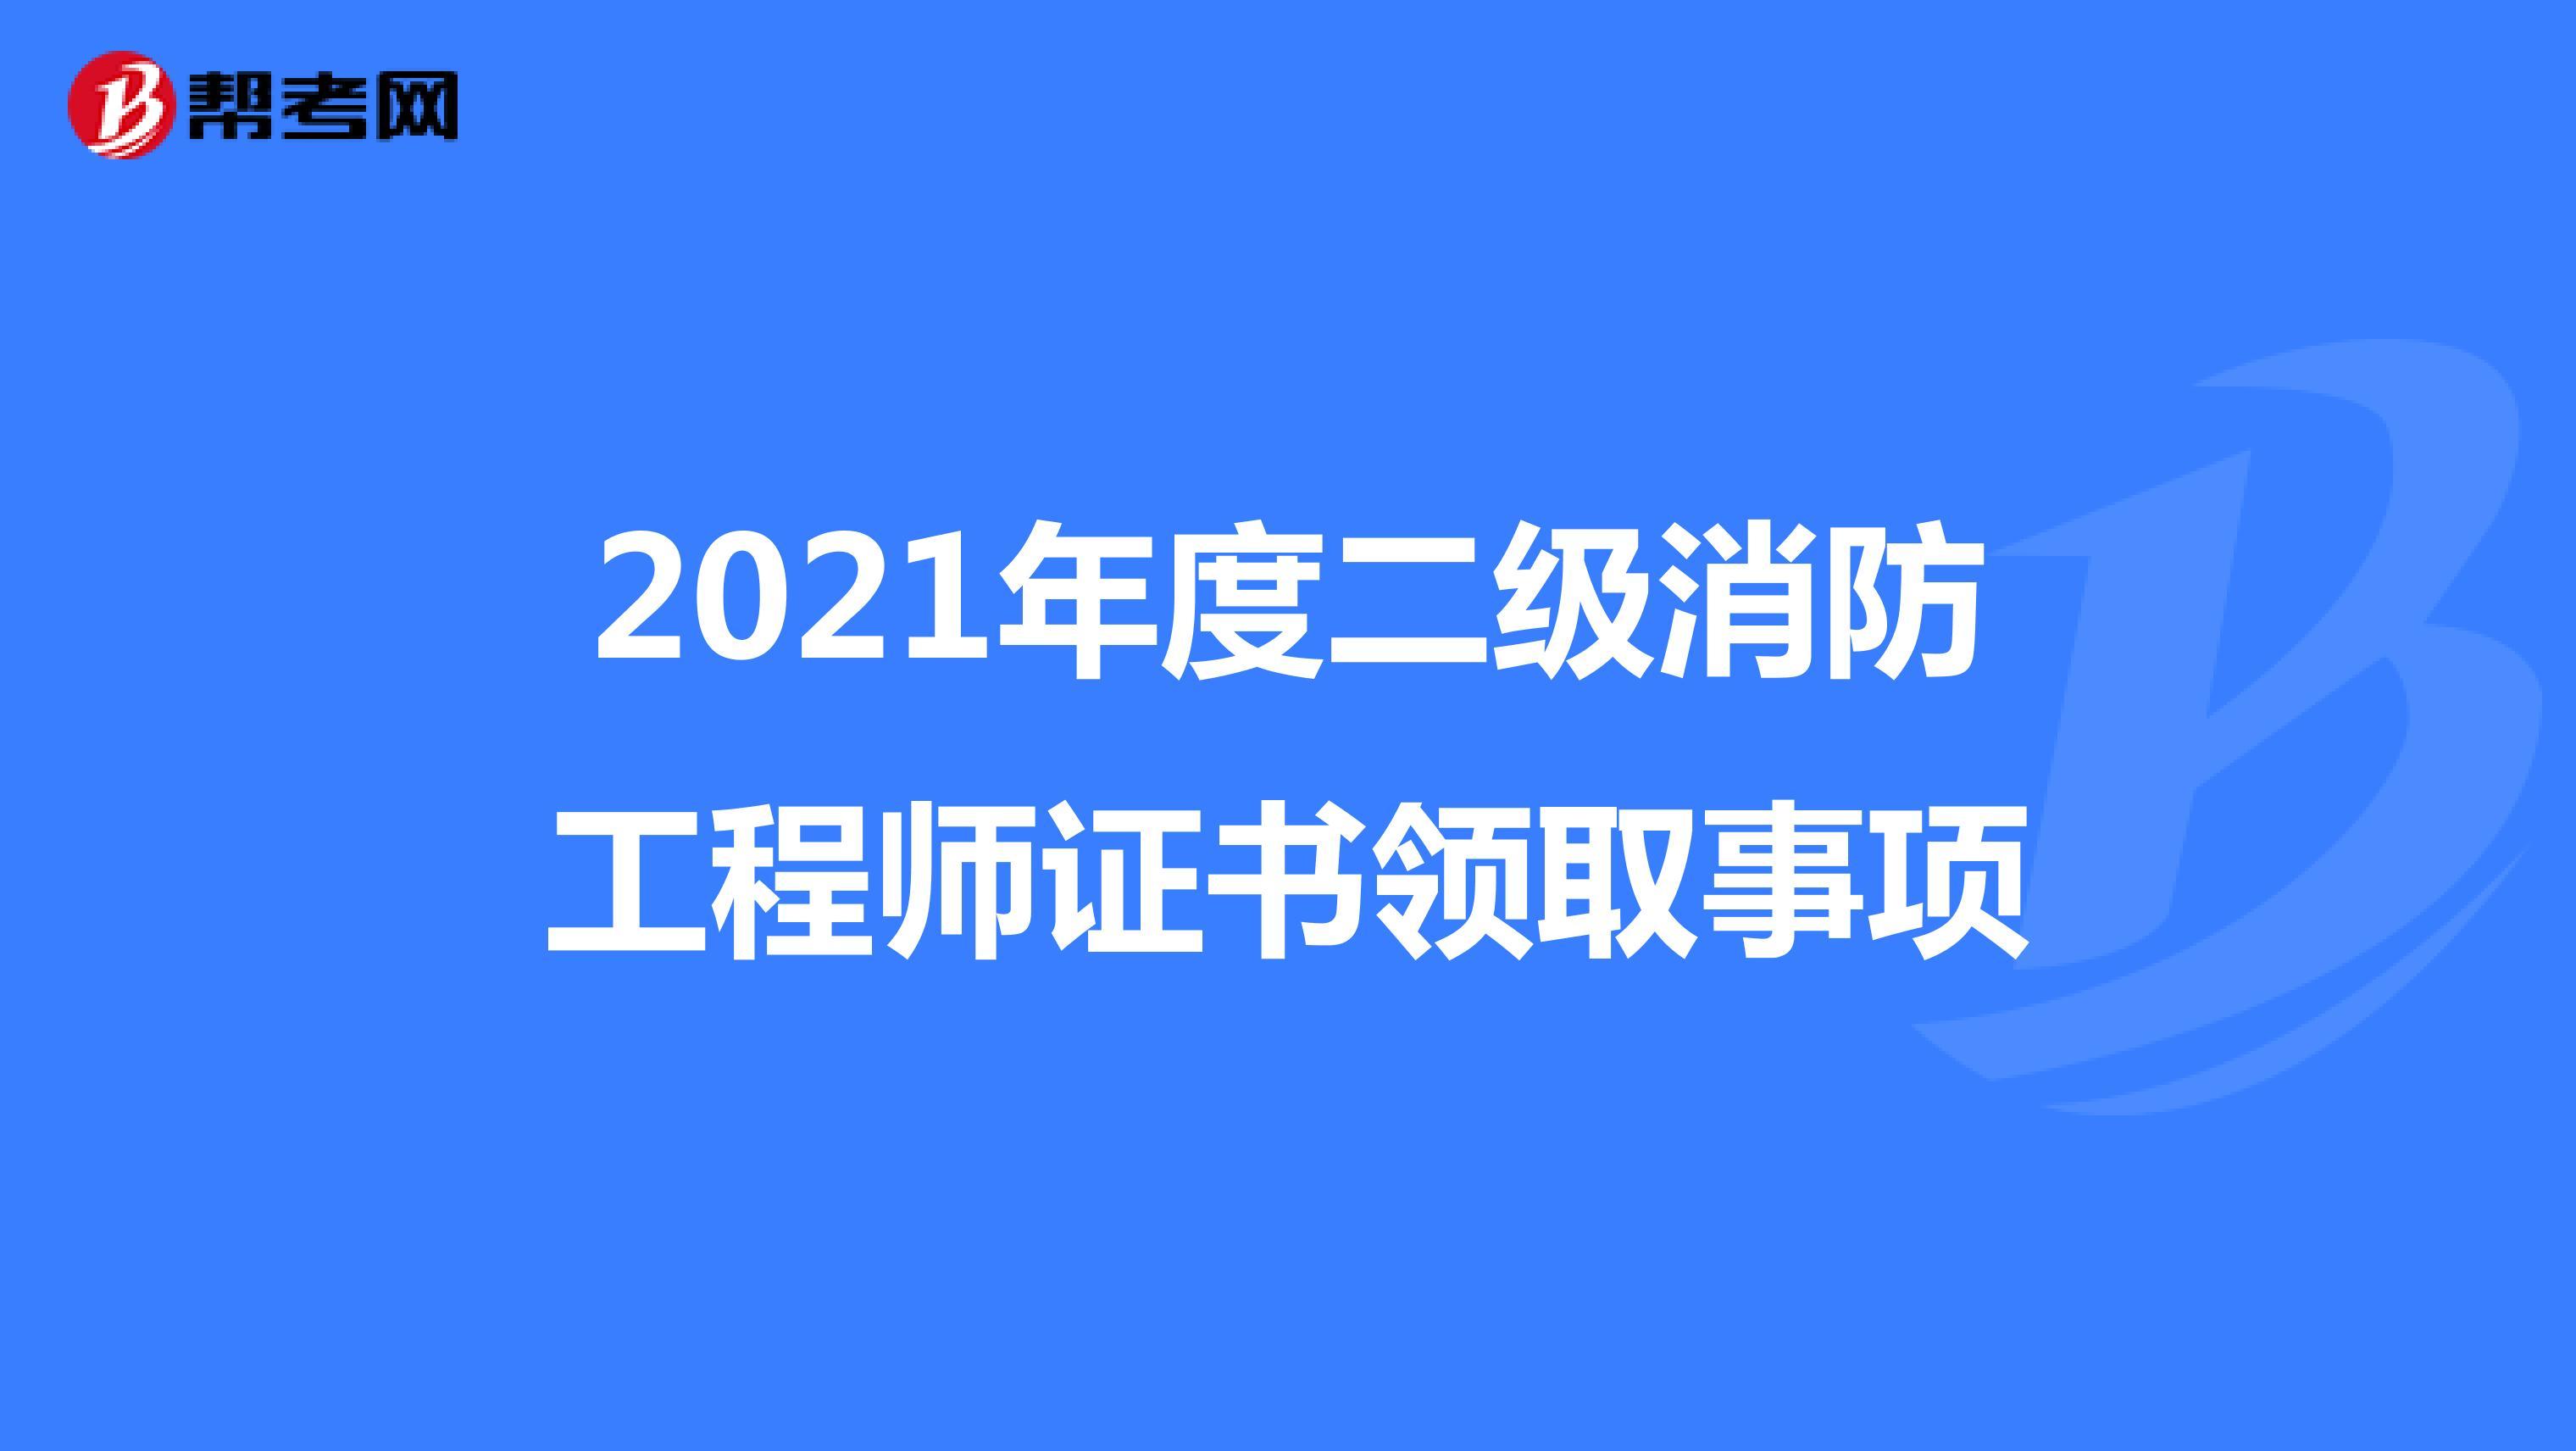 2021年度二级消防工程师证书领取事项